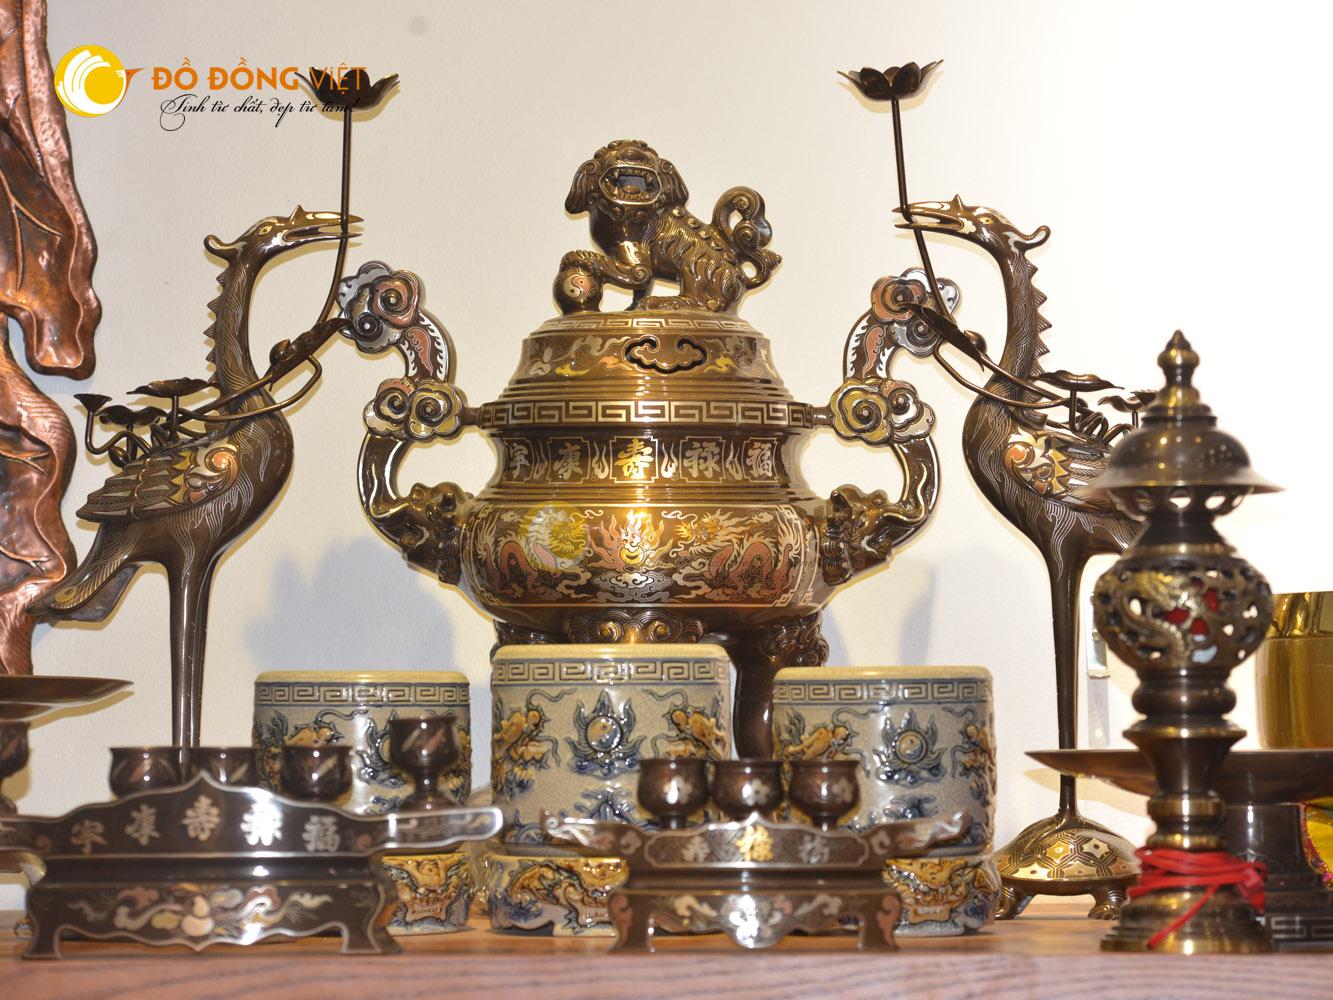 Nén hương tâm thành trong văn hóa thờ cúng của người Việt